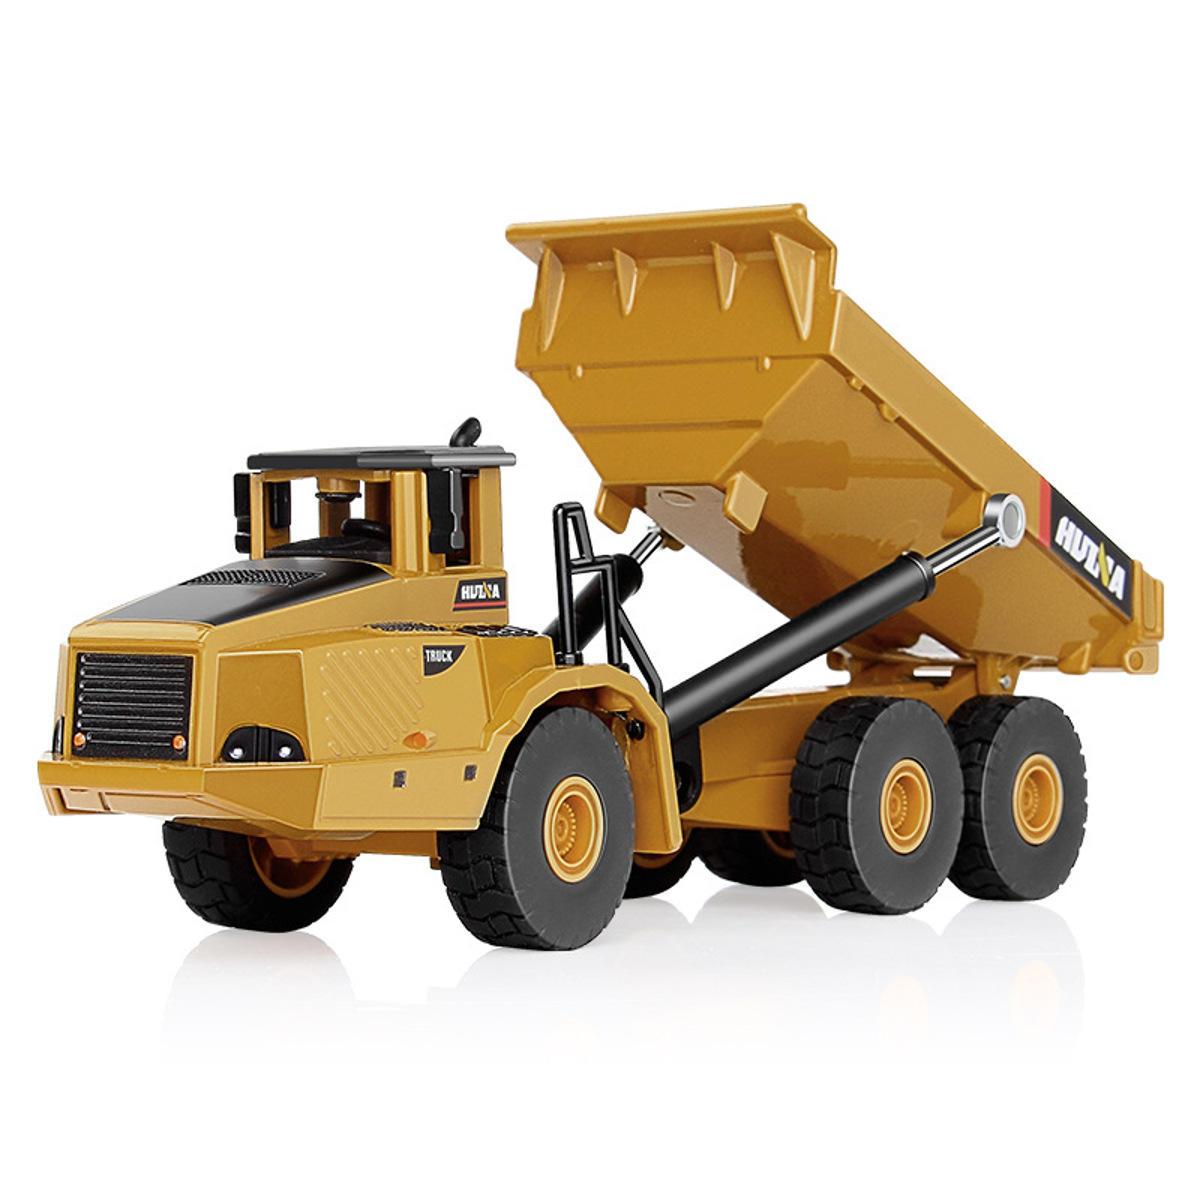 HUINA 7713-1 1/50 Escala Liga Caminhão Basculante Hidráulico Diecast Modelo de Engenharia de Escavação Brinquedos